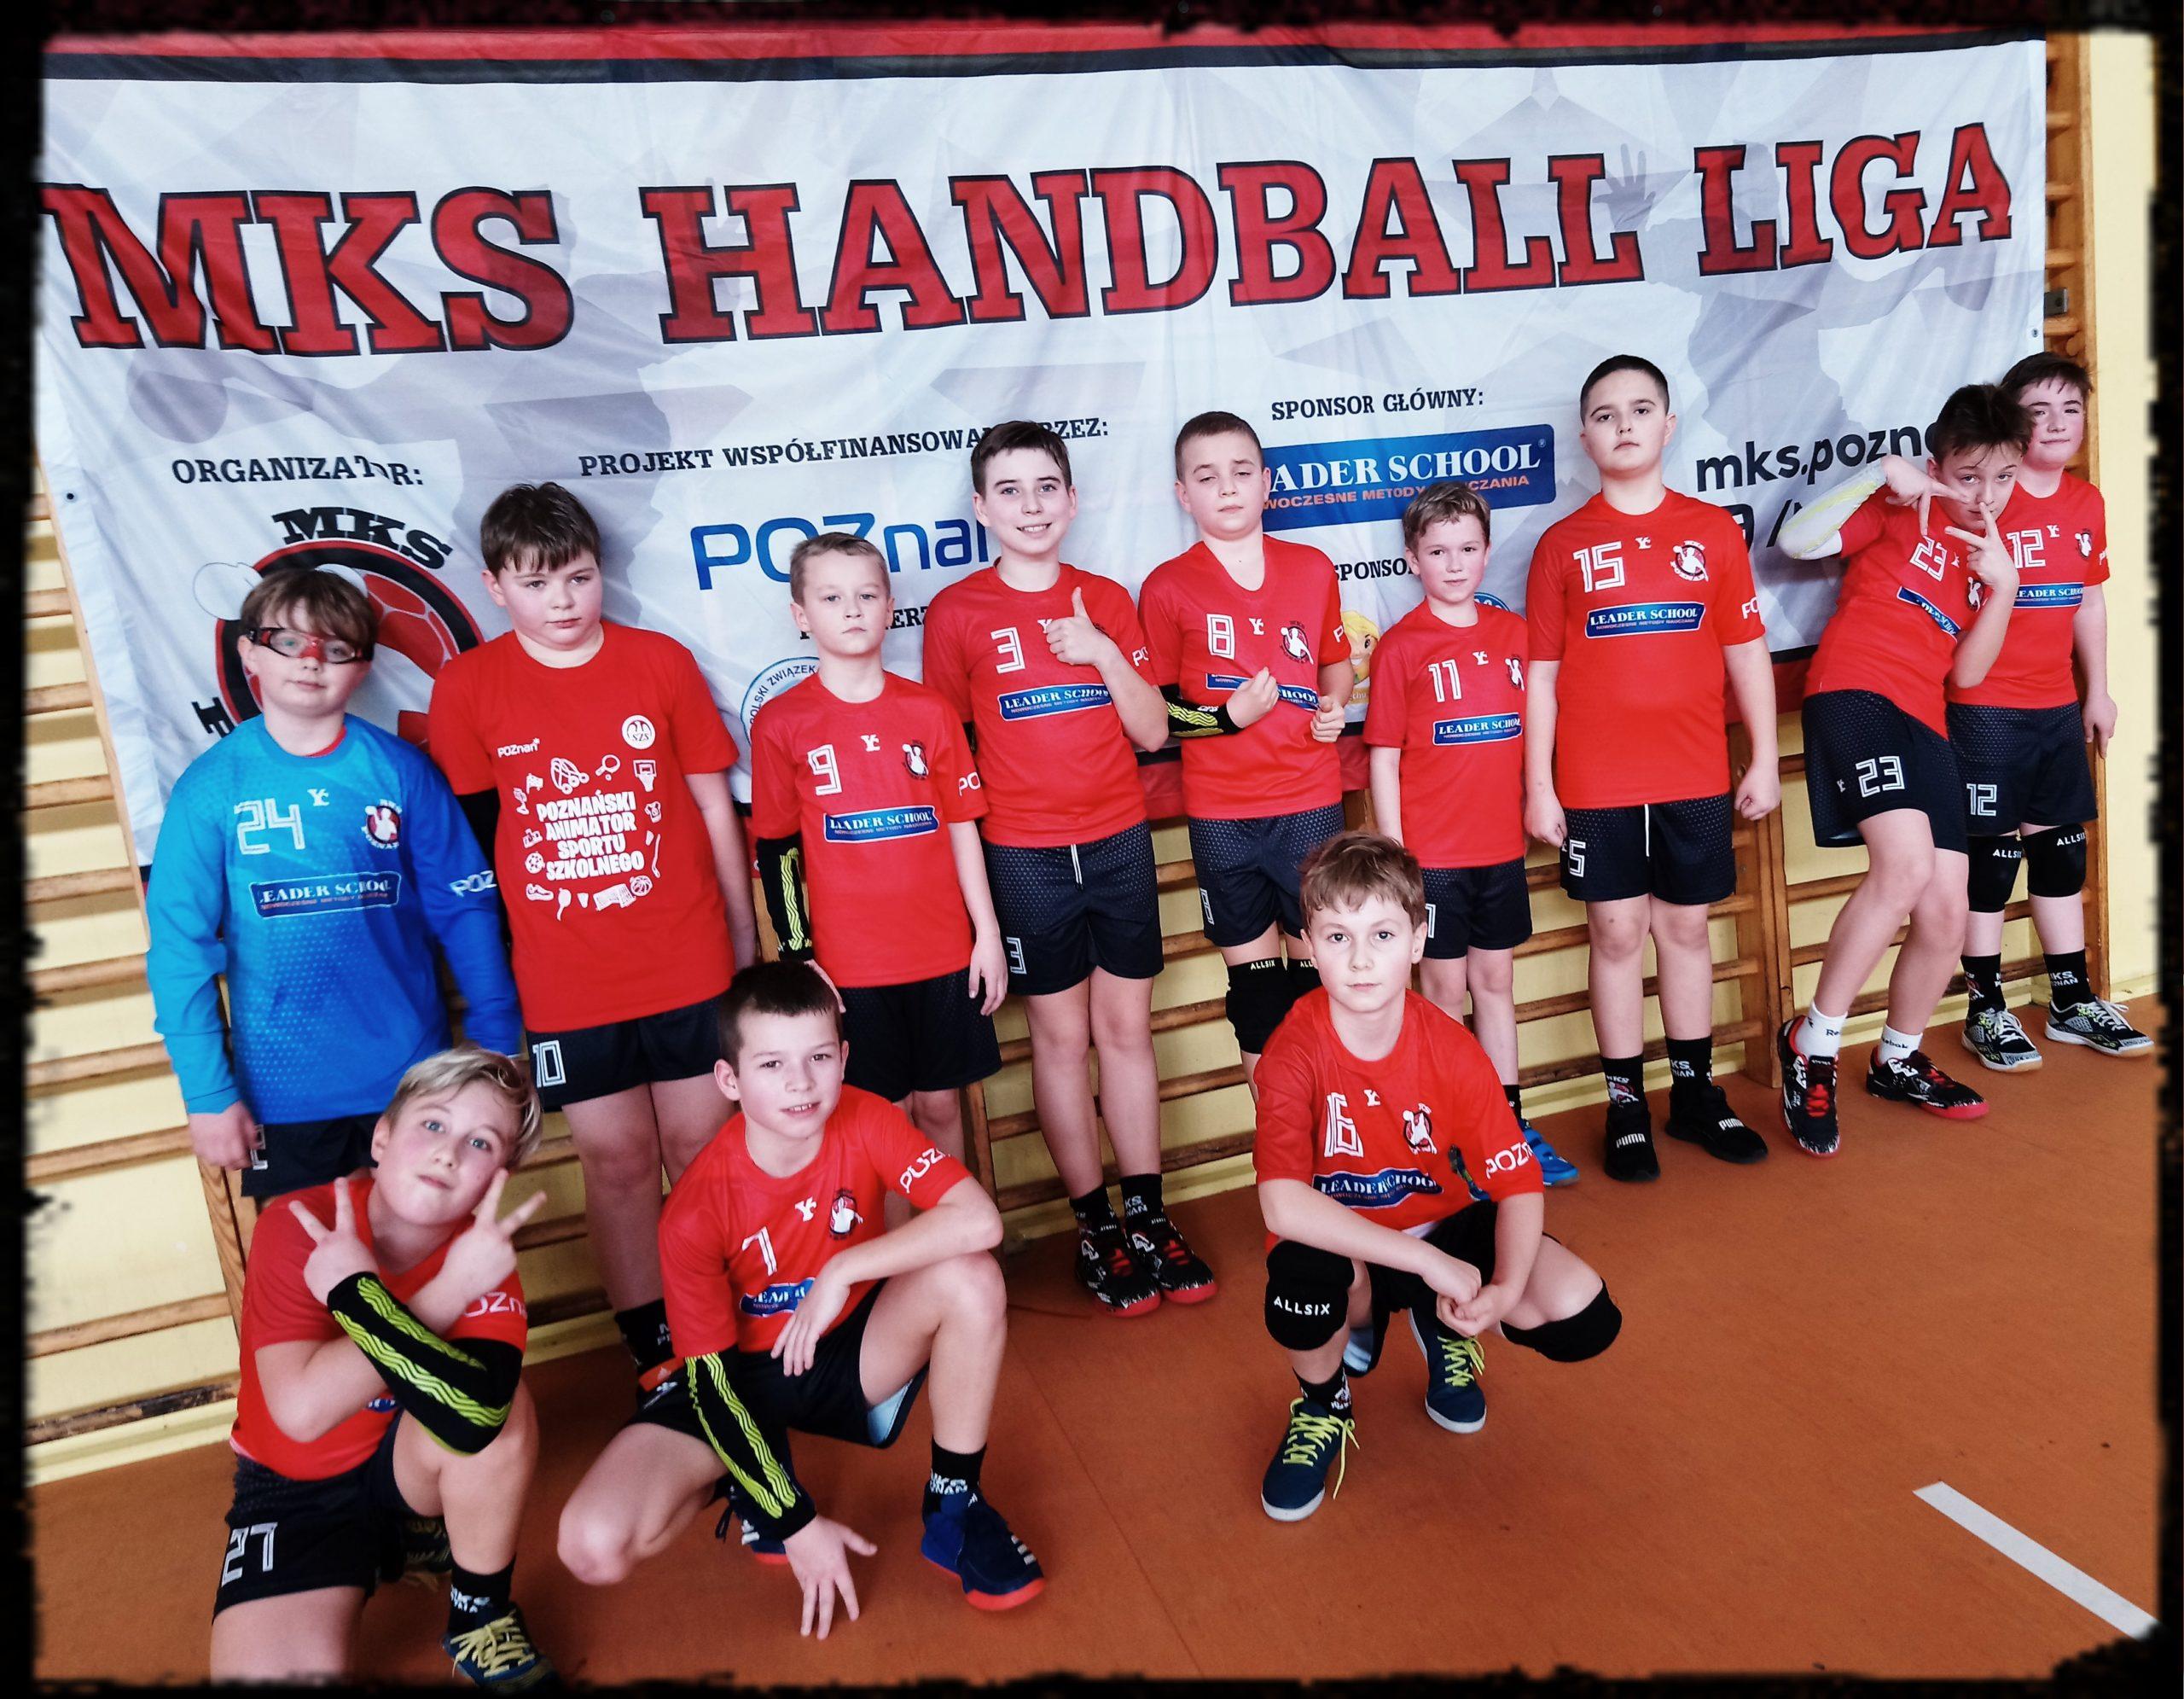 Turniej MKS Handball Ligi klas 5